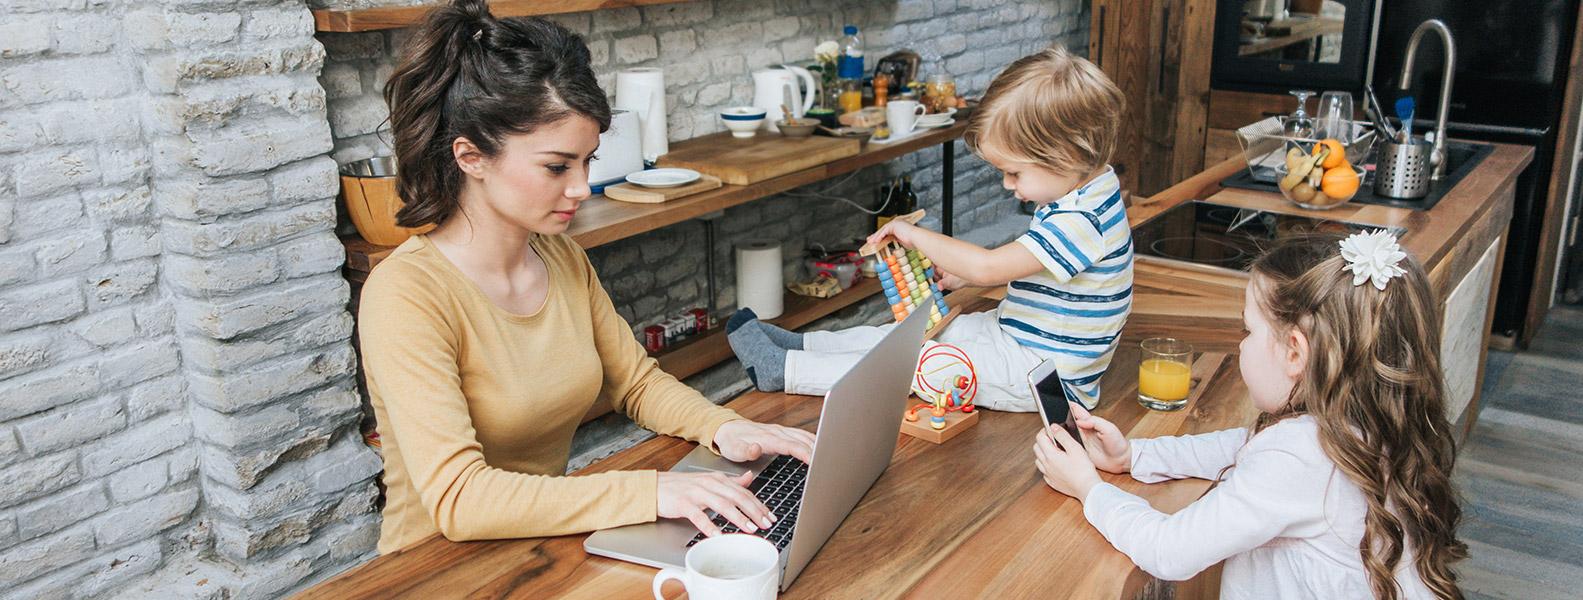 working multitasking mum